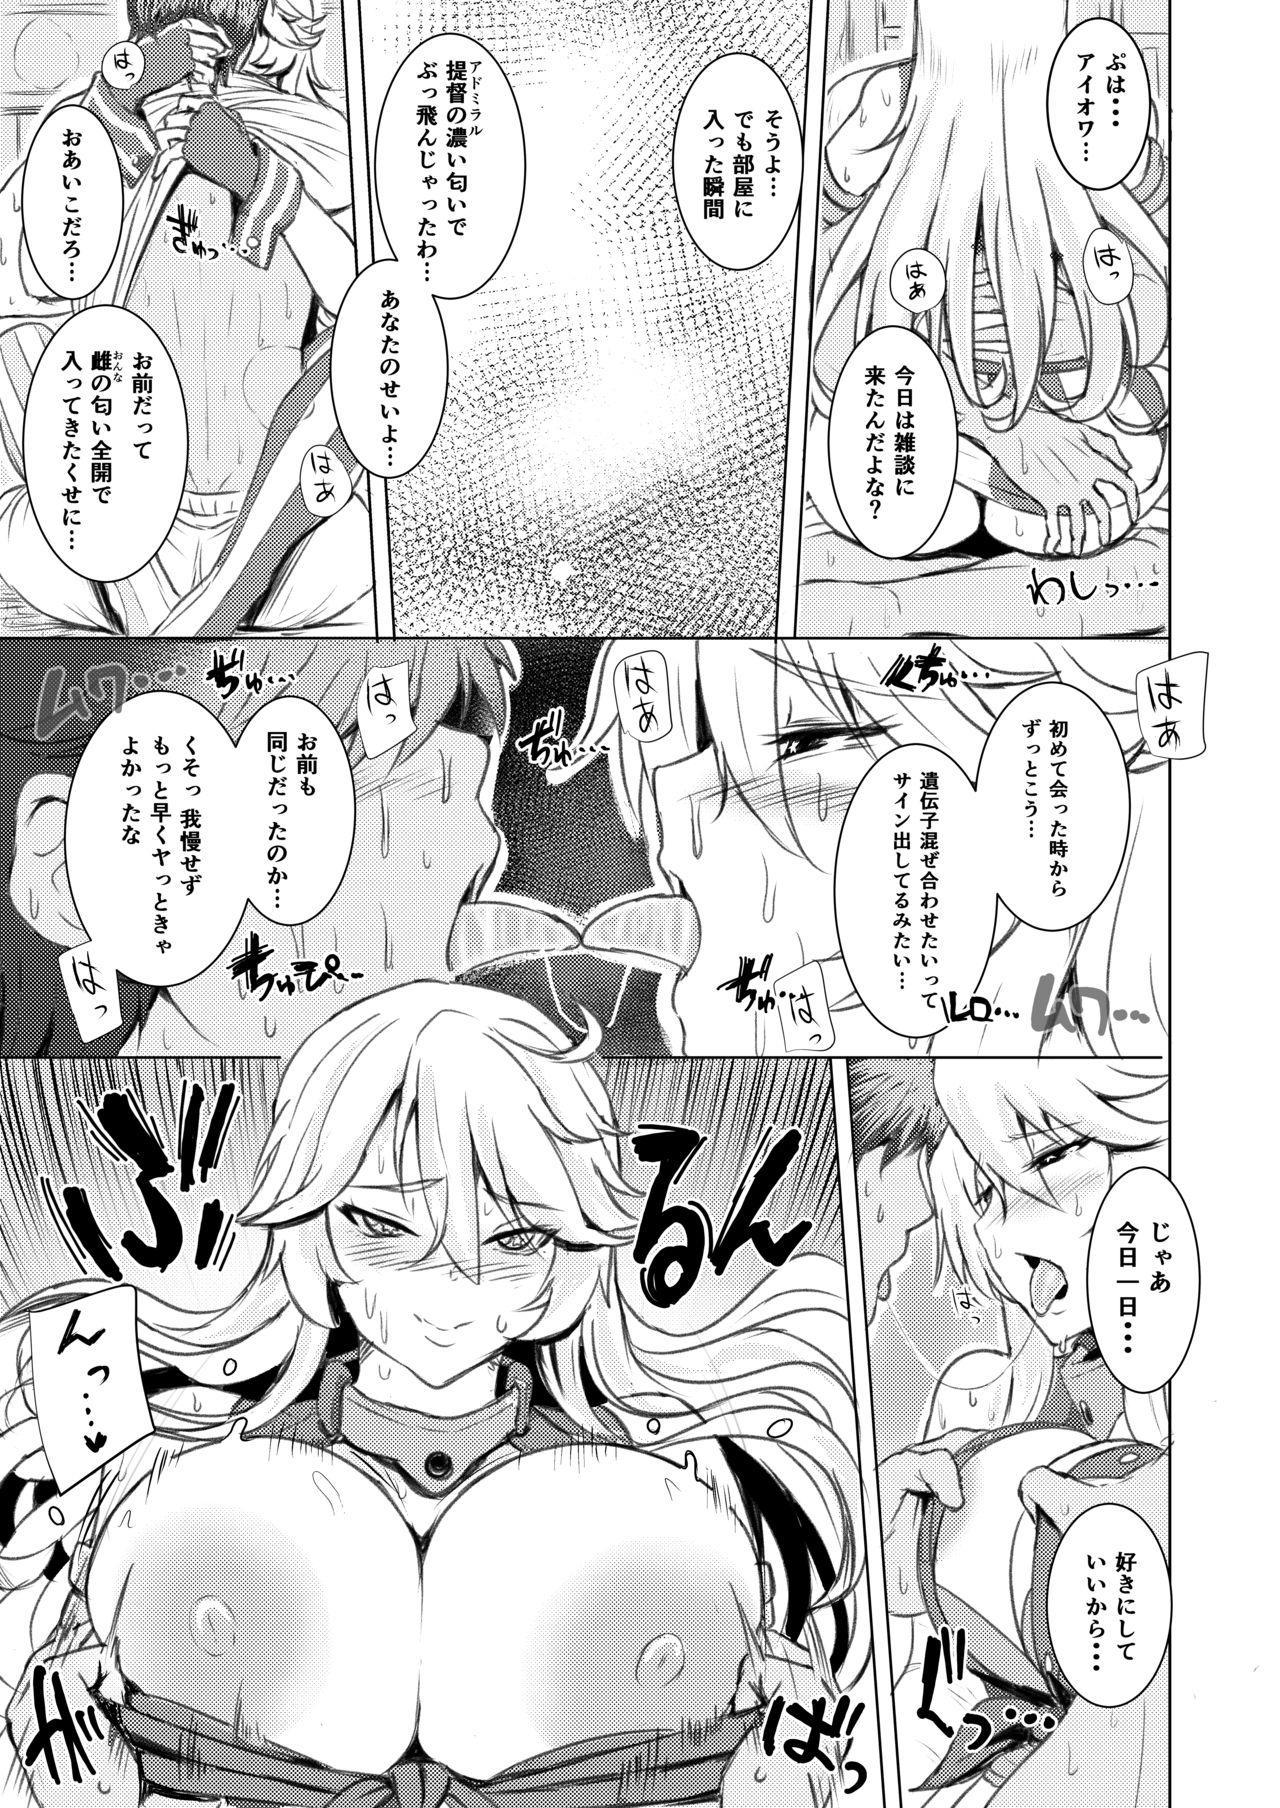 Iowa no Erohon - Iowa Hentai Manga 5